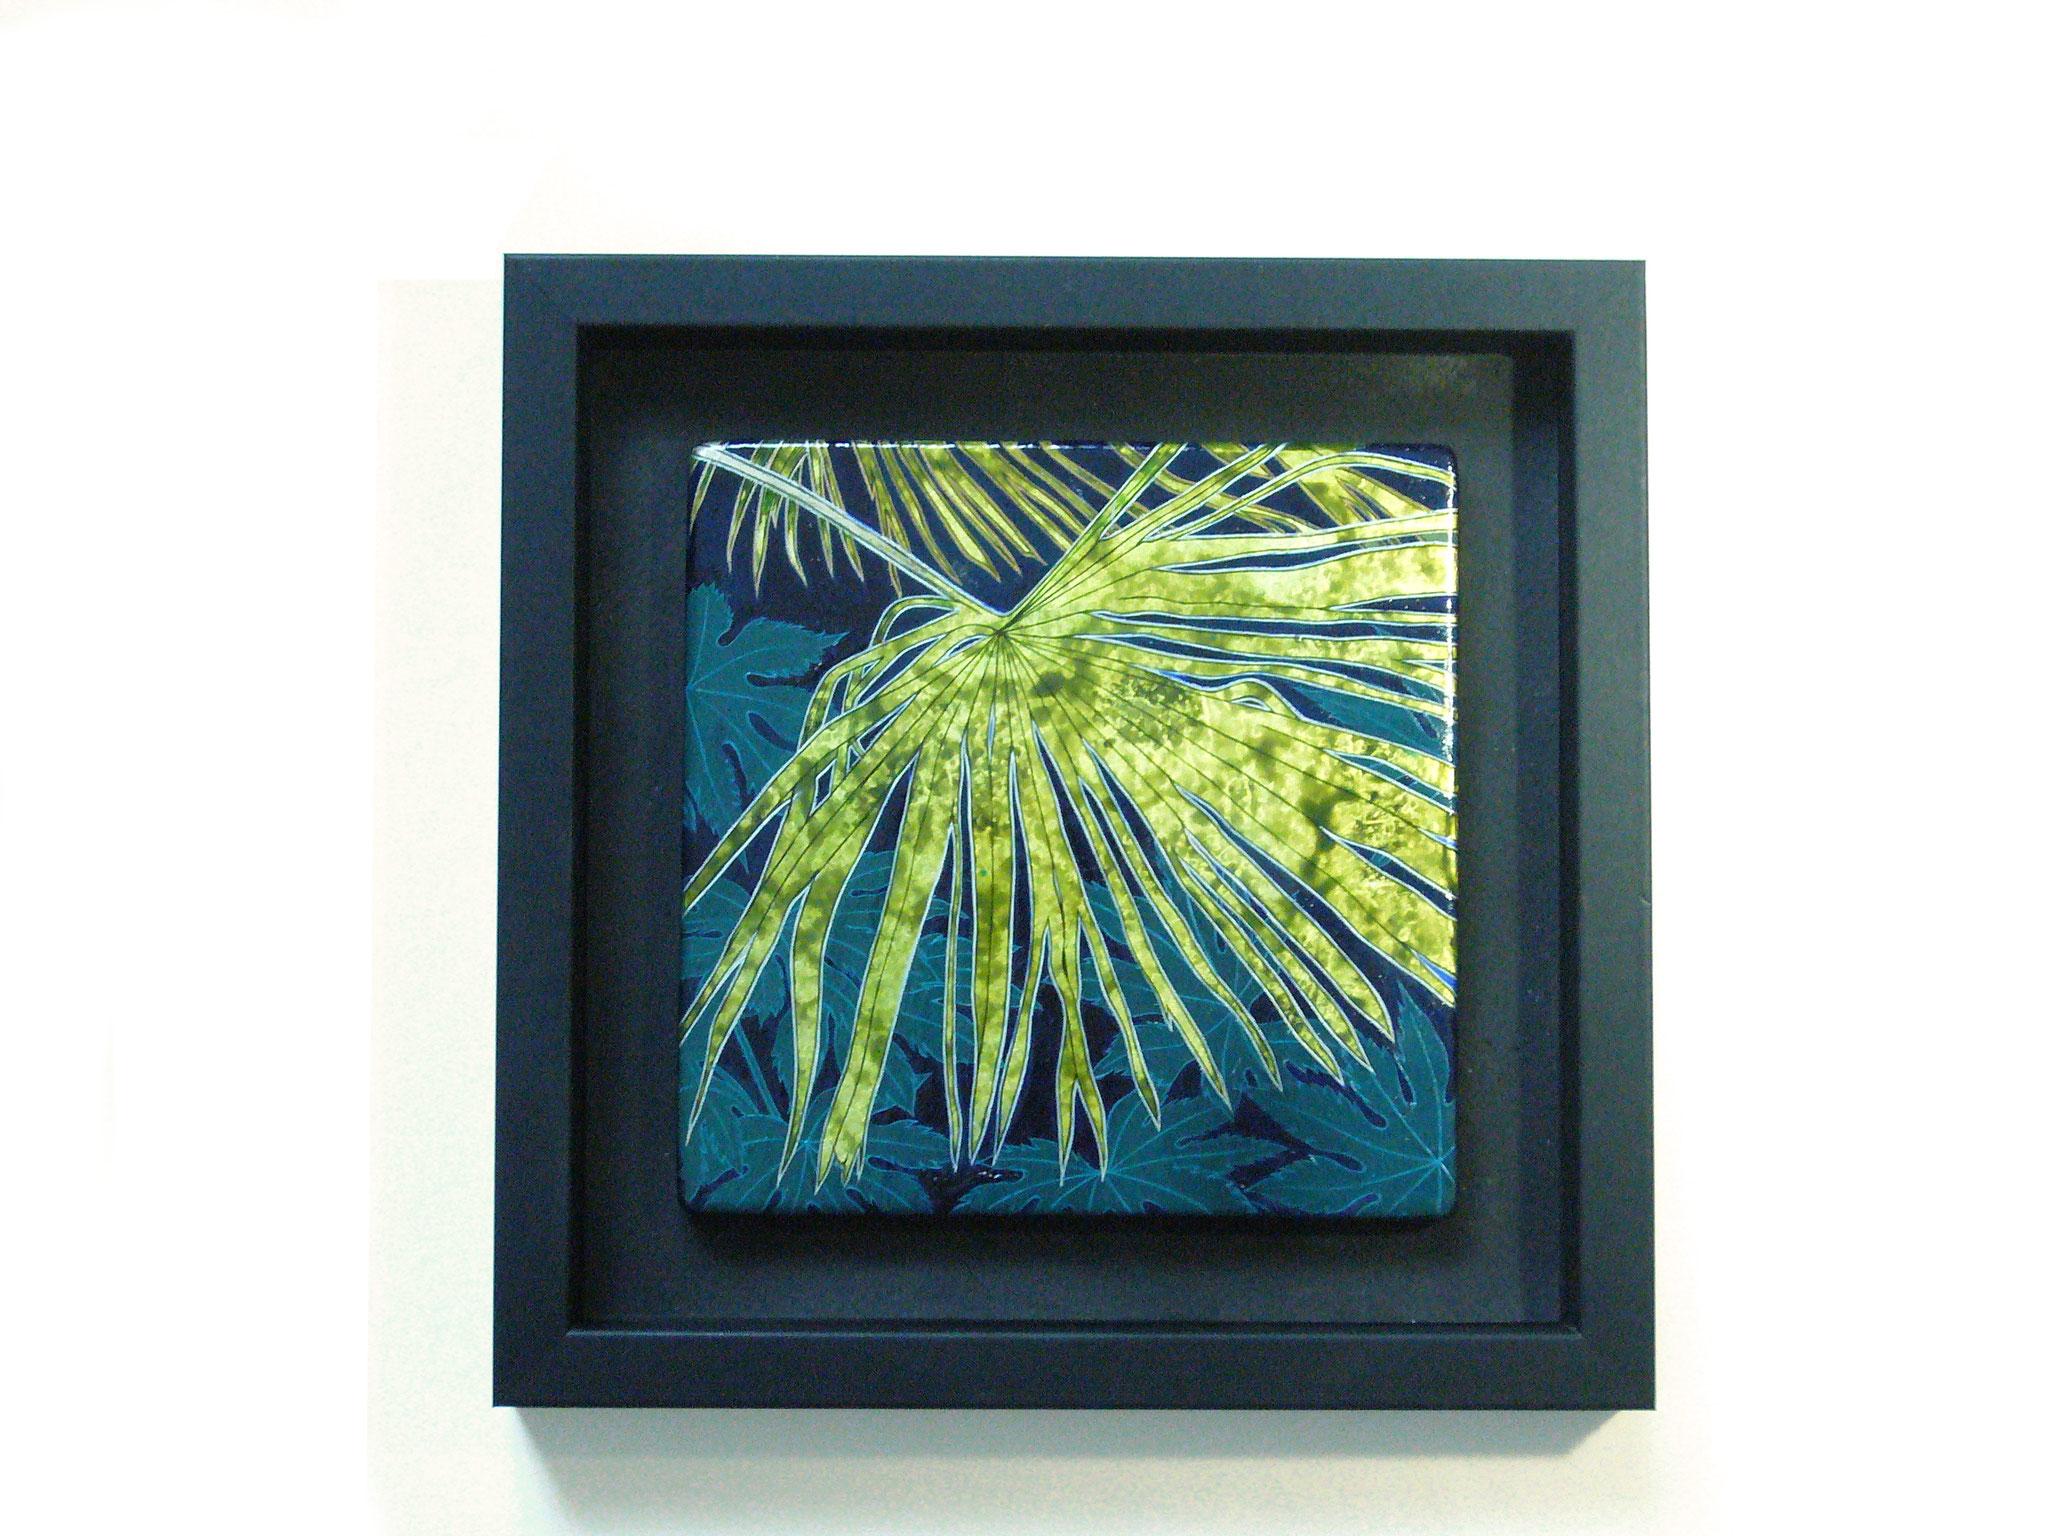 Komorebi, 15x15cm, 2018, laque sur bois avec pigments et feuille d'or vert